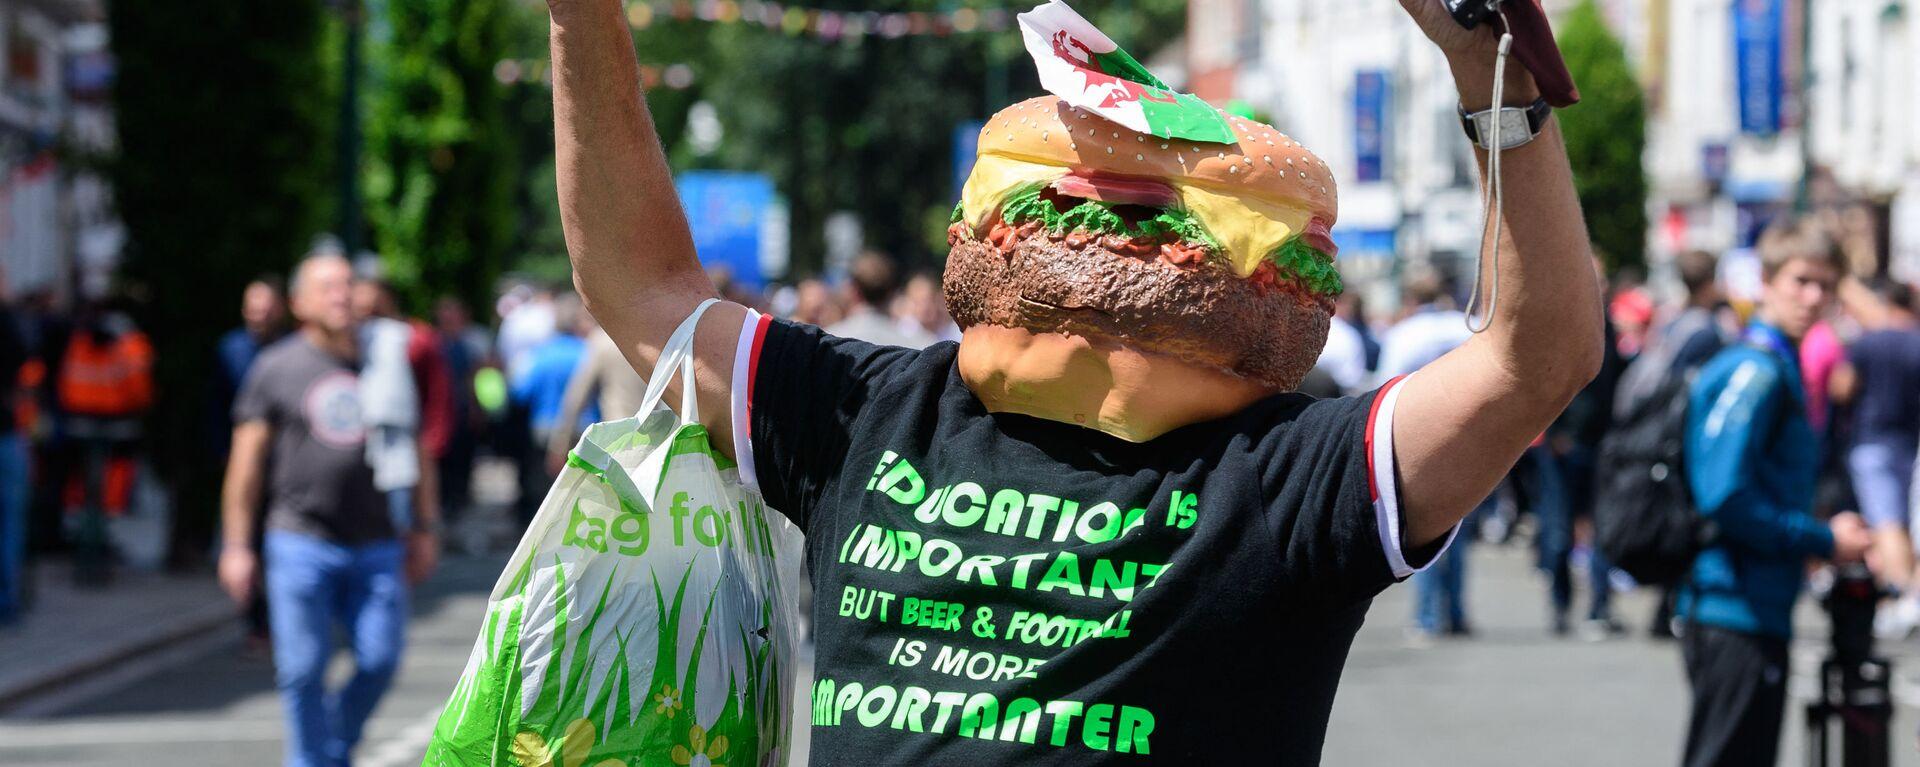 Мужчина в маске гамбургера направляется к стадиону в центре города Ланс-ин-Ланс, Франция  - Sputnik Polska, 1920, 05.08.2021